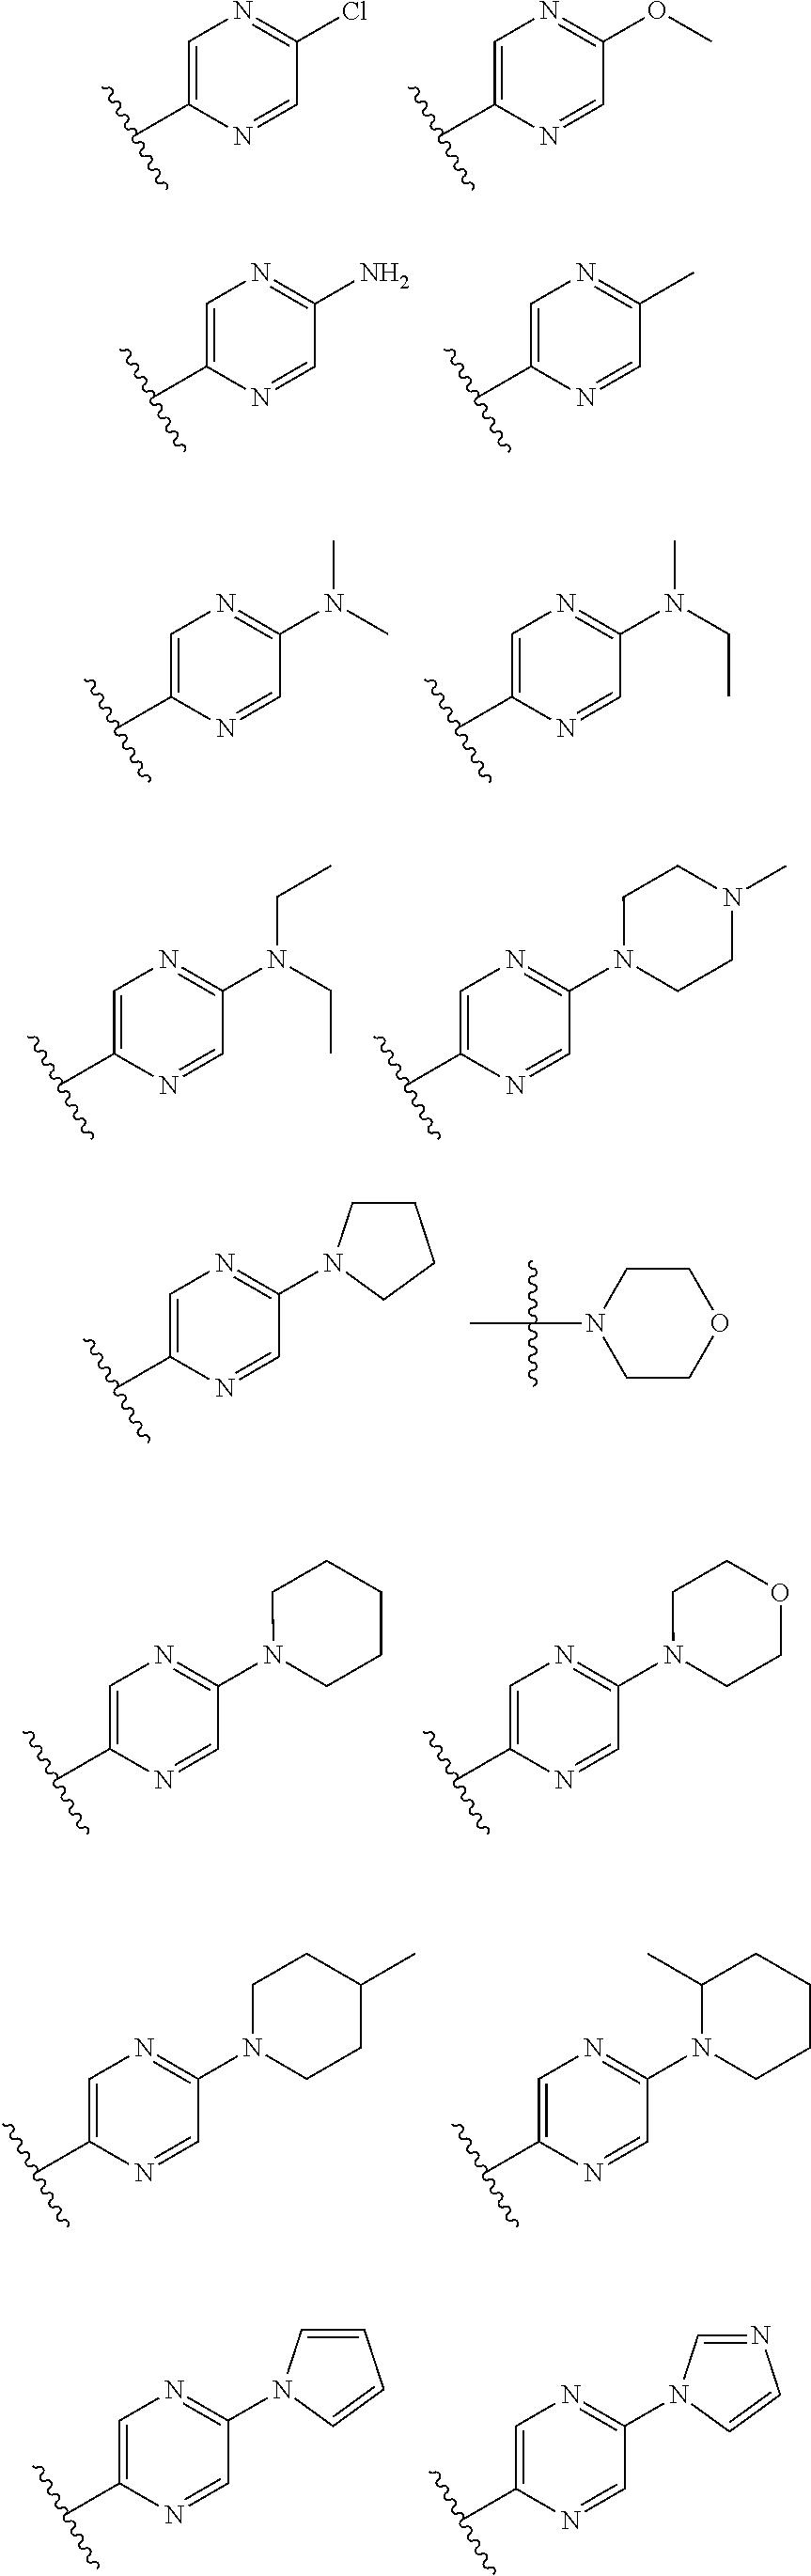 Figure US20110046165A1-20110224-C00027